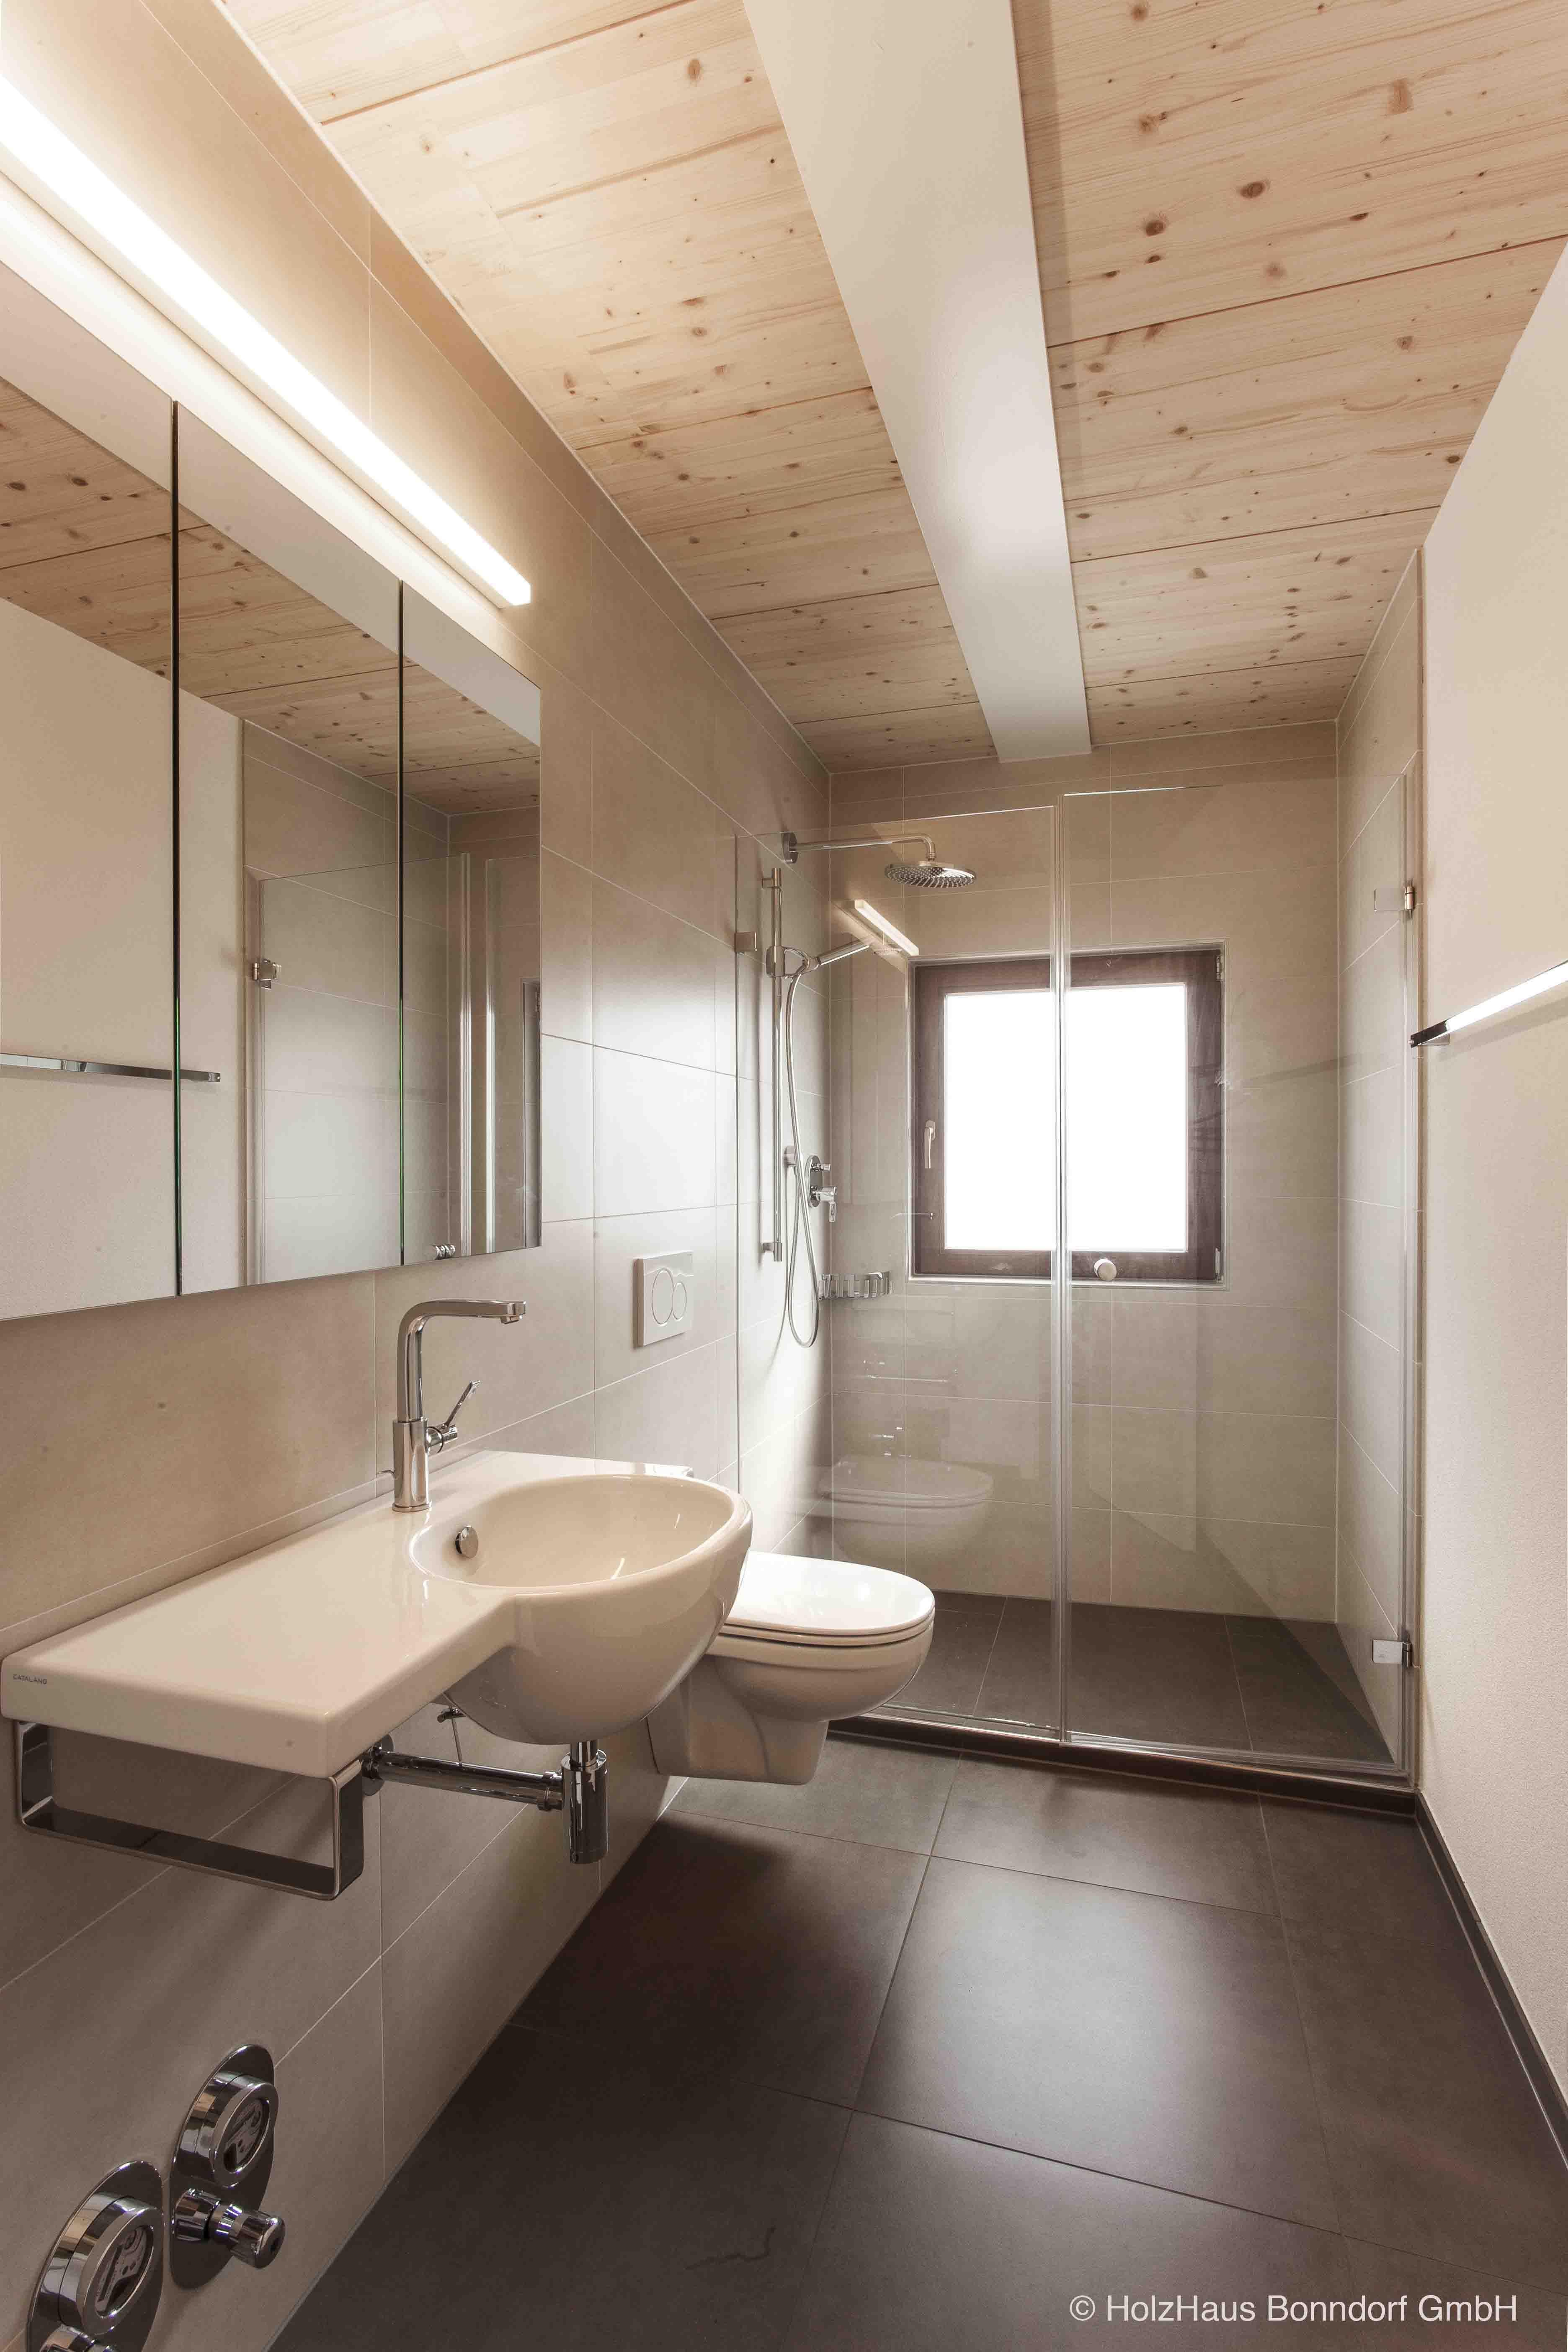 HOUSE IN SWITZERLAND: Holz und Badezimmer ? Das ist schon lange kein ...